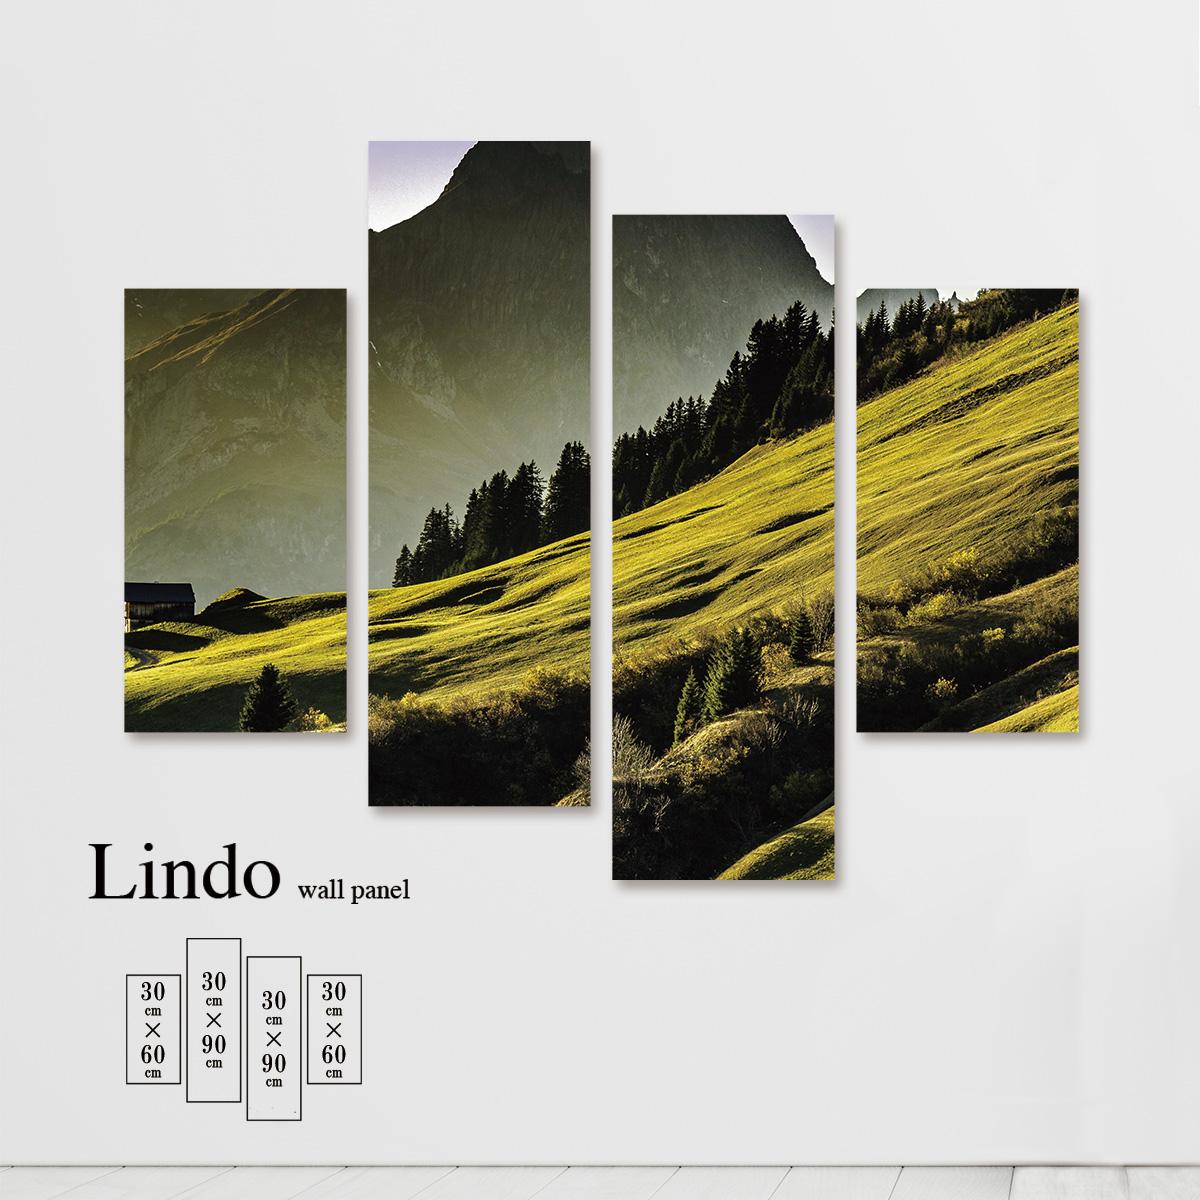 アートパネル 山 マウンテン 自然 風景 景色 グリーン 緑 壁掛け 北欧 お洒落 デザイン ファブリック 壁飾り アートボード 4枚パネル